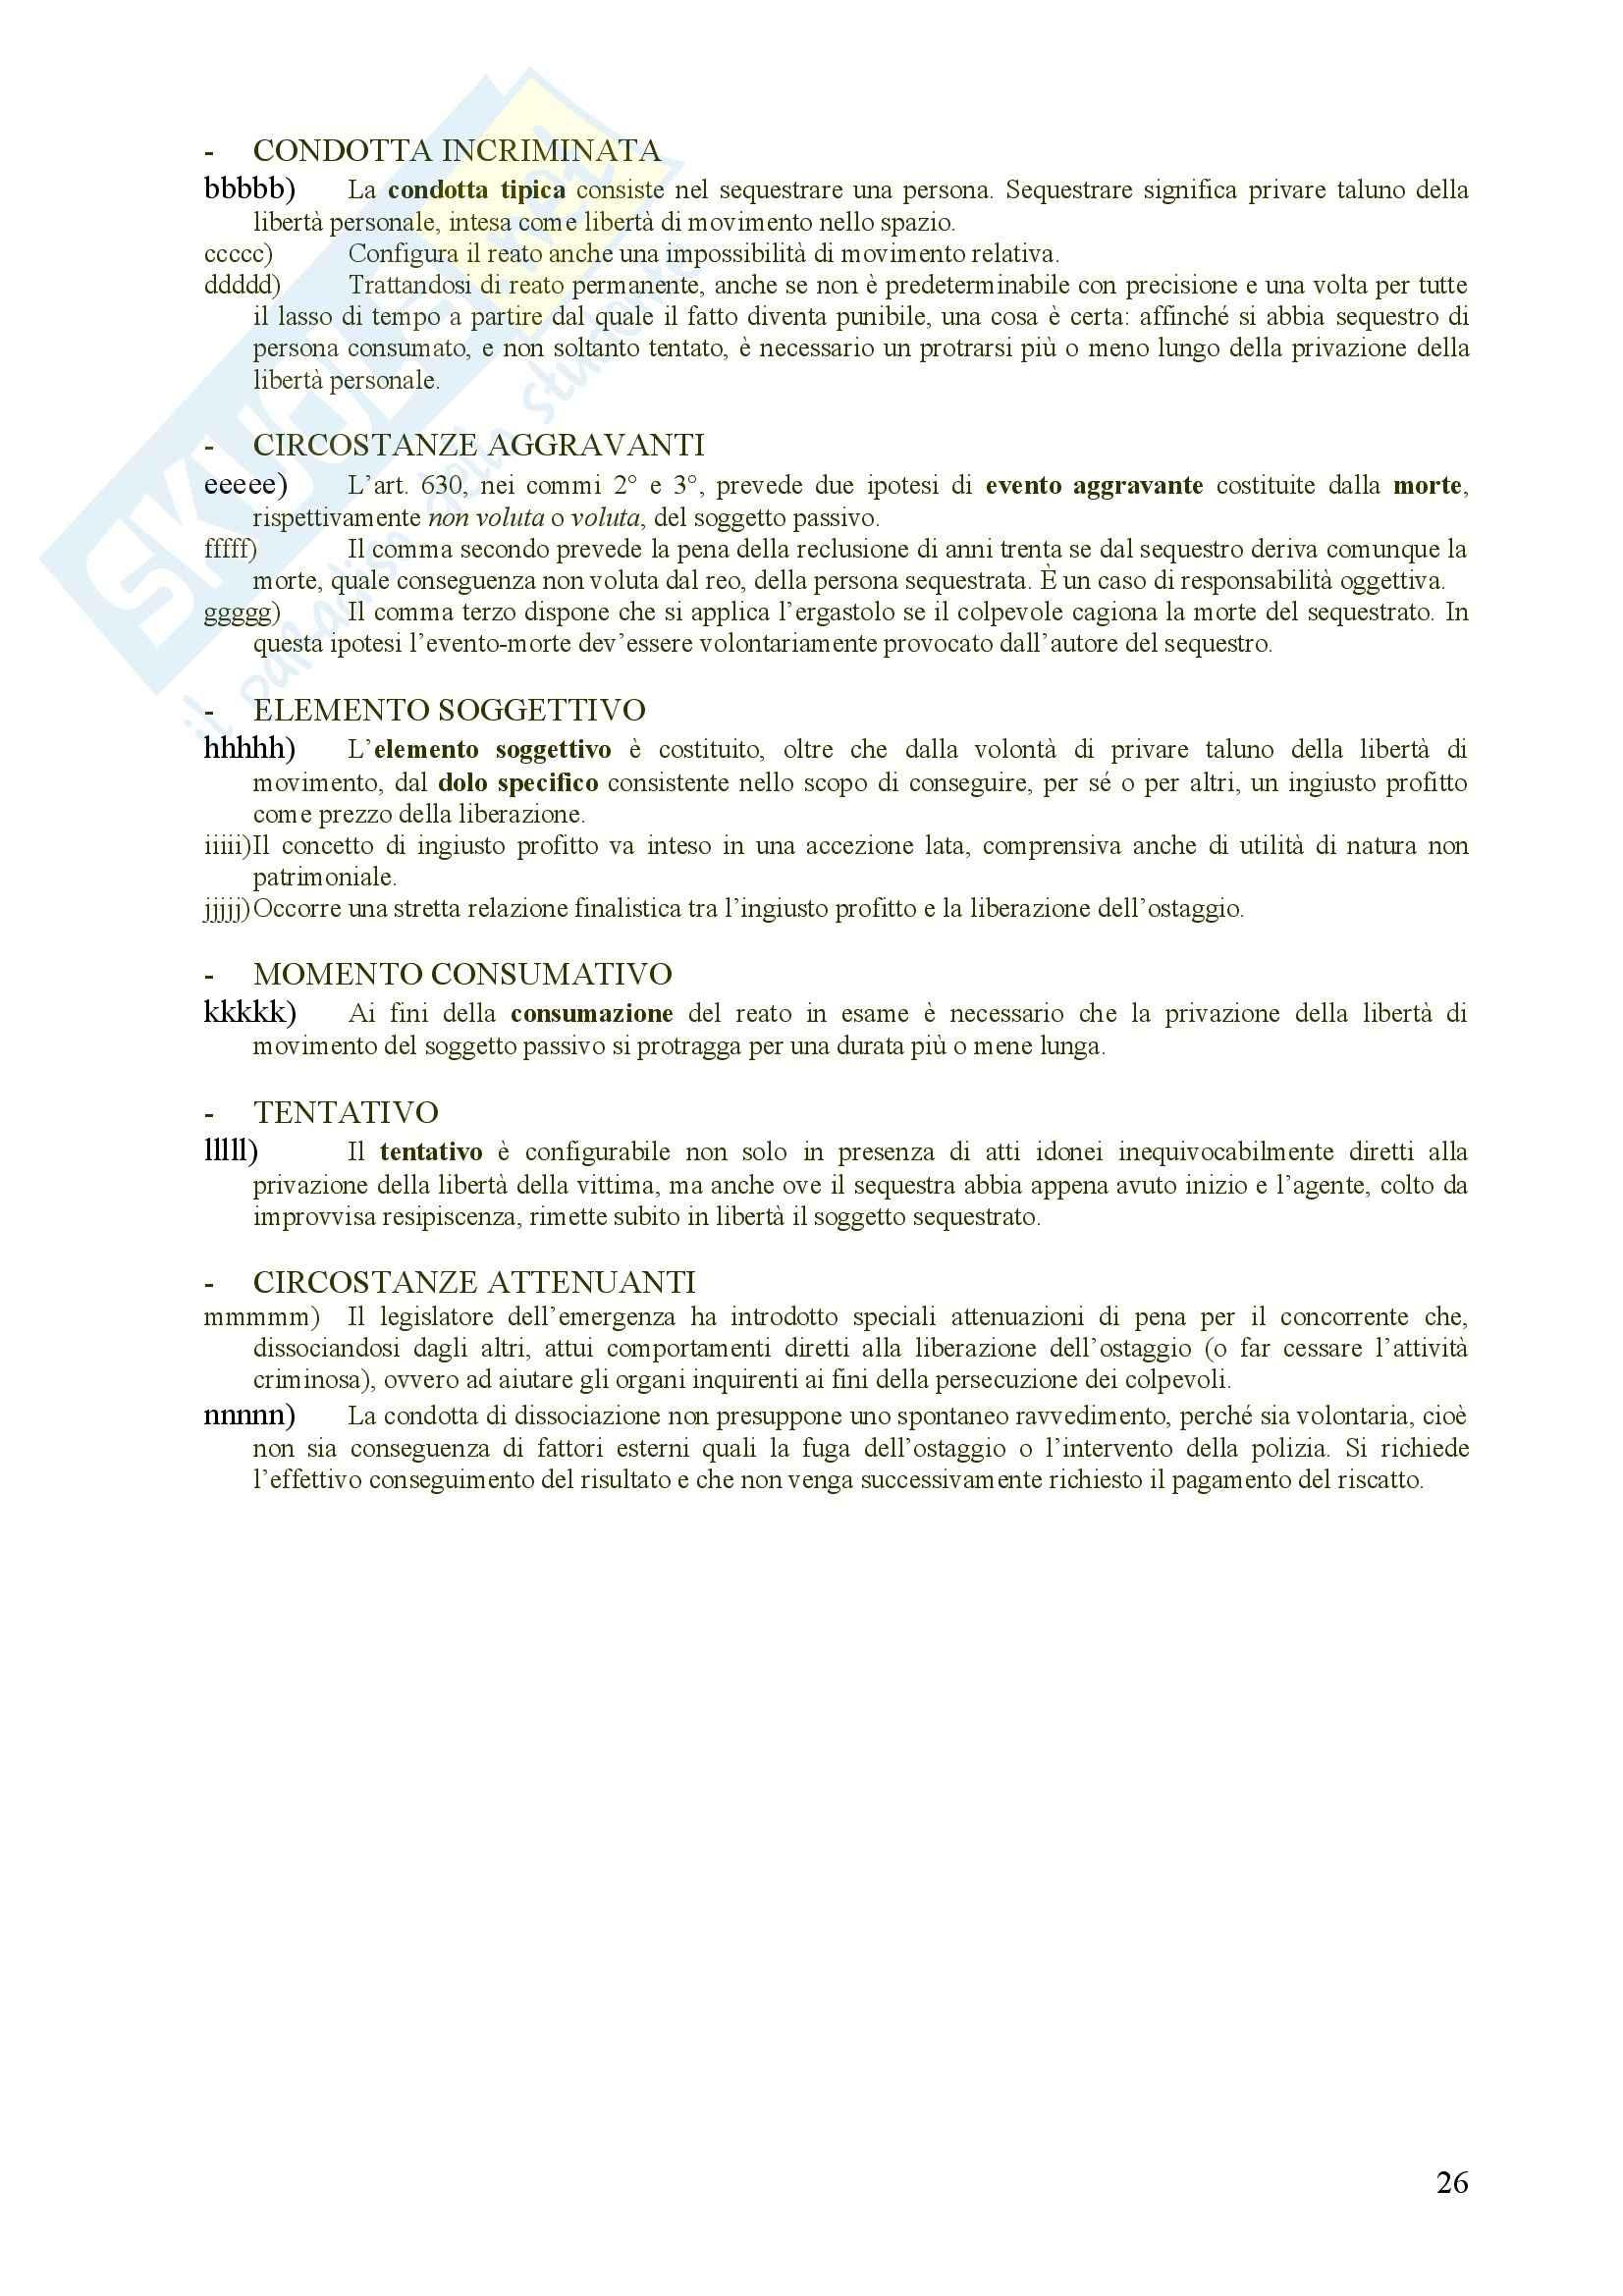 Diritto Penale 2 - reati contro il patrimonio - Riassunto esame, prof. Eusebi Pag. 26